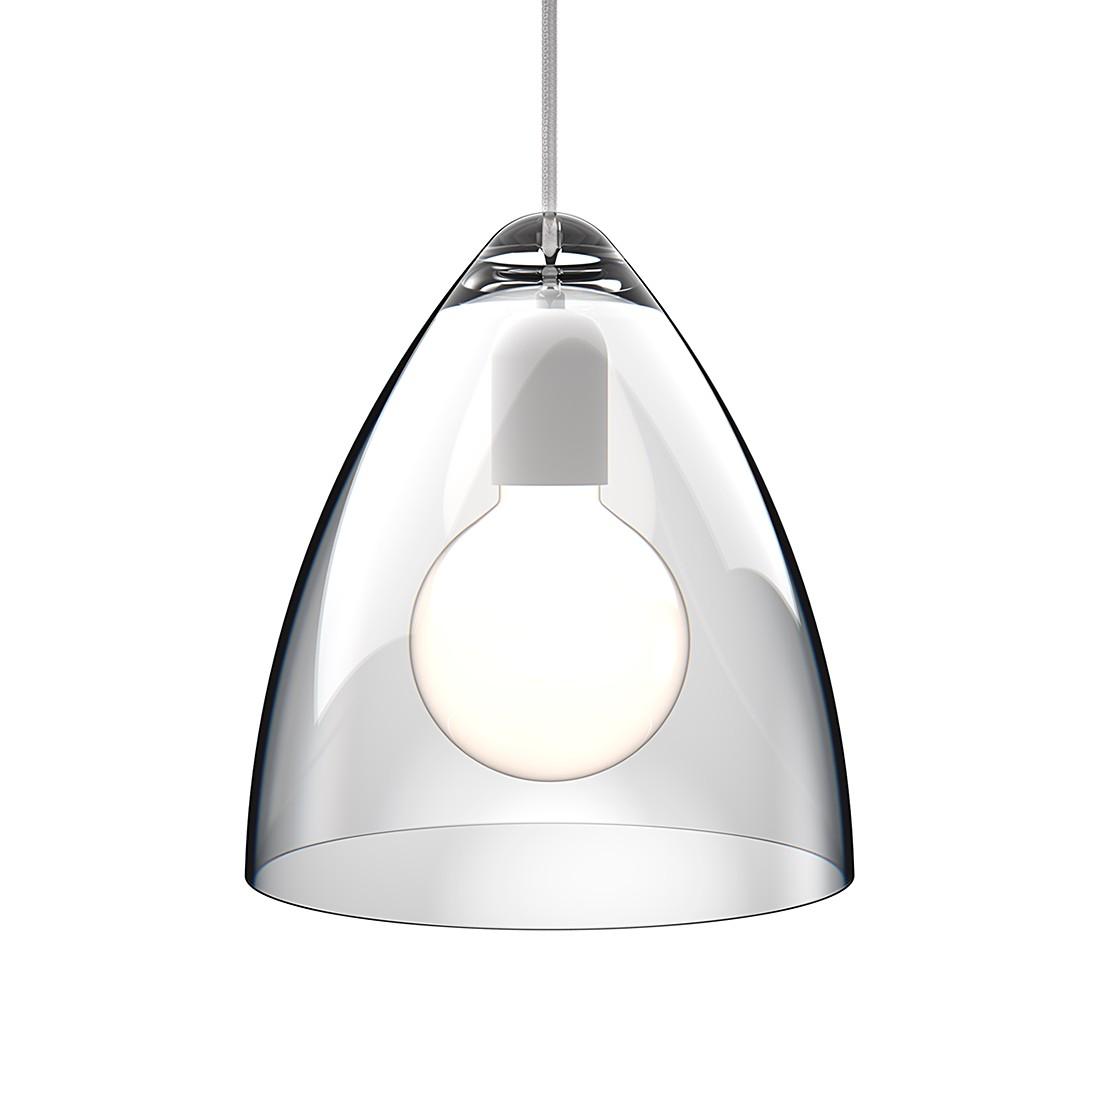 Pendelleuchte Funk ○ Acrylglas/Textil ○ Klar/Weiß ○ Durchmesser ...